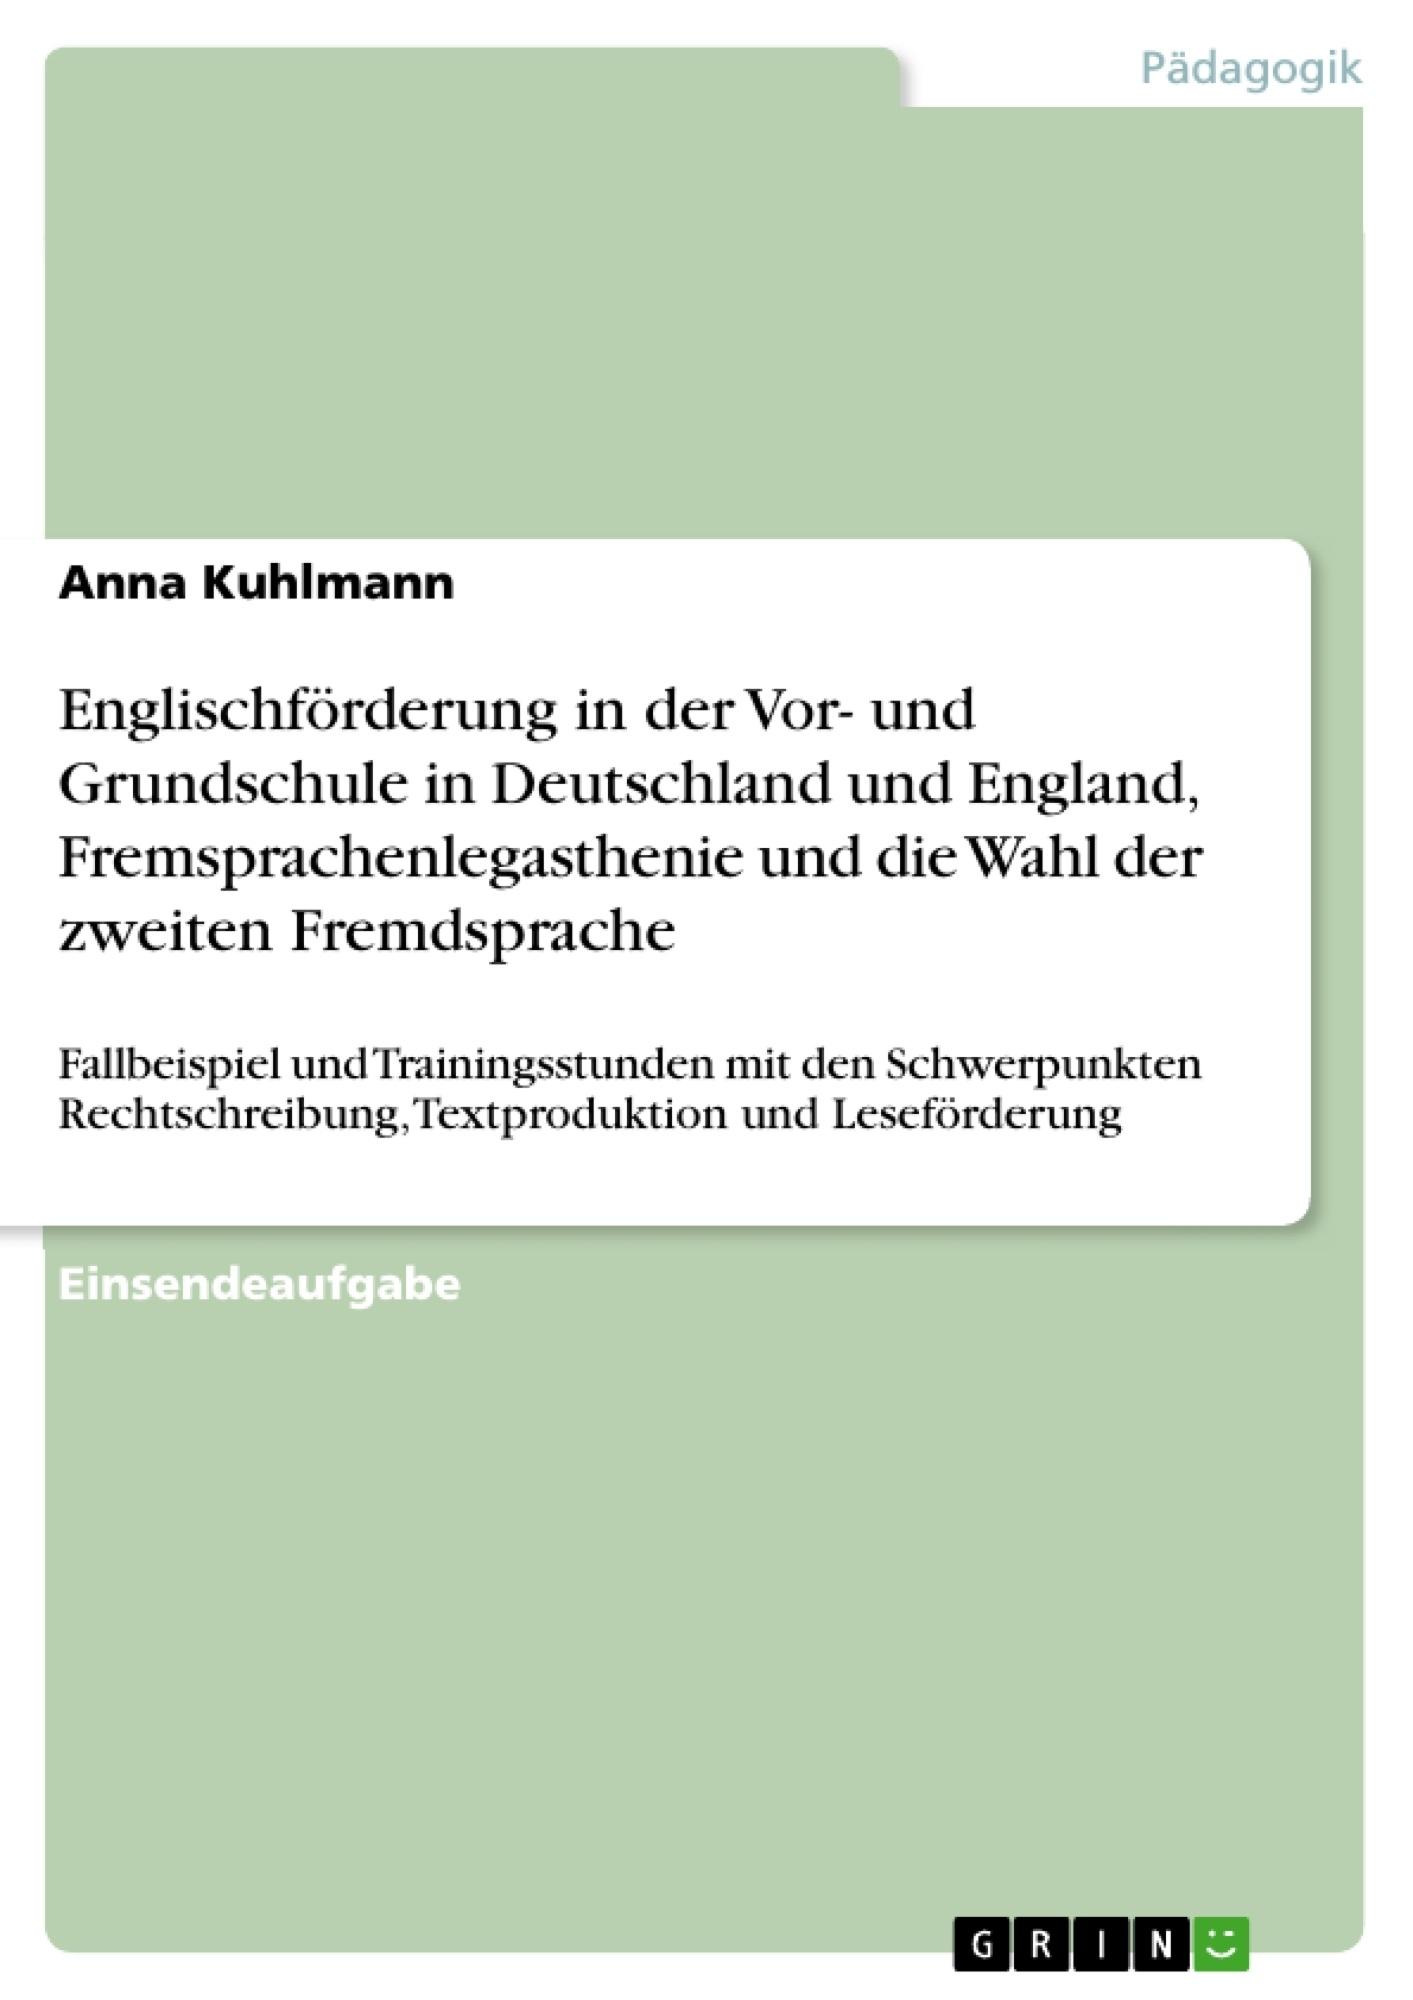 Titel: Englischförderung in der Vor- und Grundschule in Deutschland und England, Fremsprachenlegasthenie und die Wahl der zweiten Fremdsprache